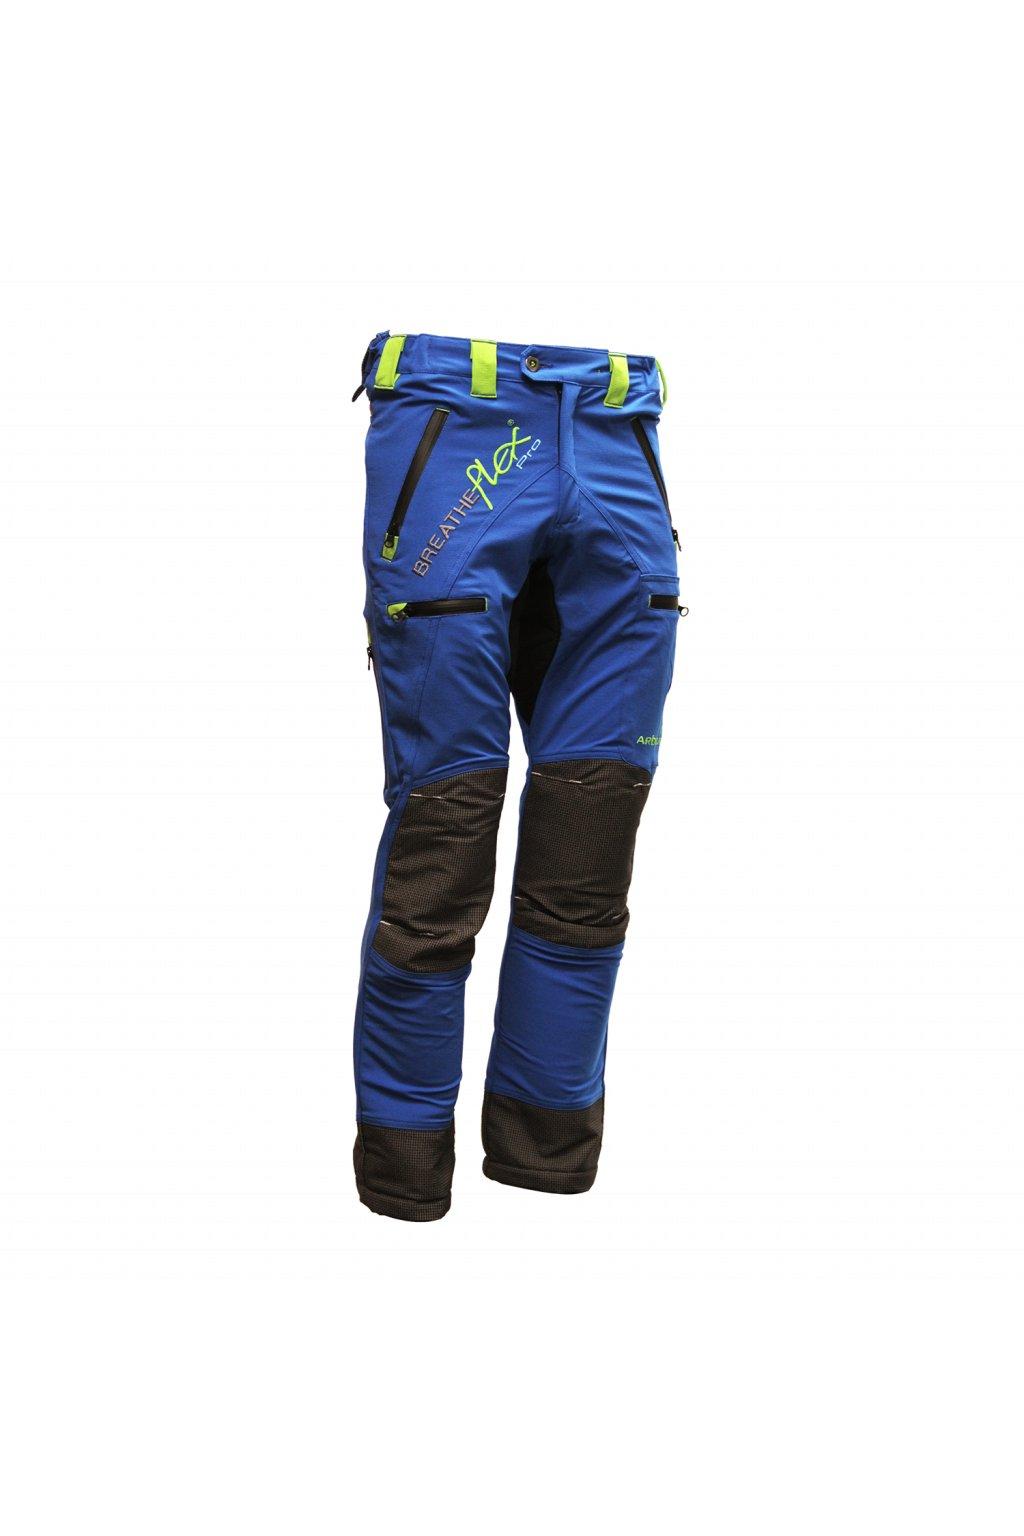 Arboristické kalhoty bez protipořezové ochrany modré Reg